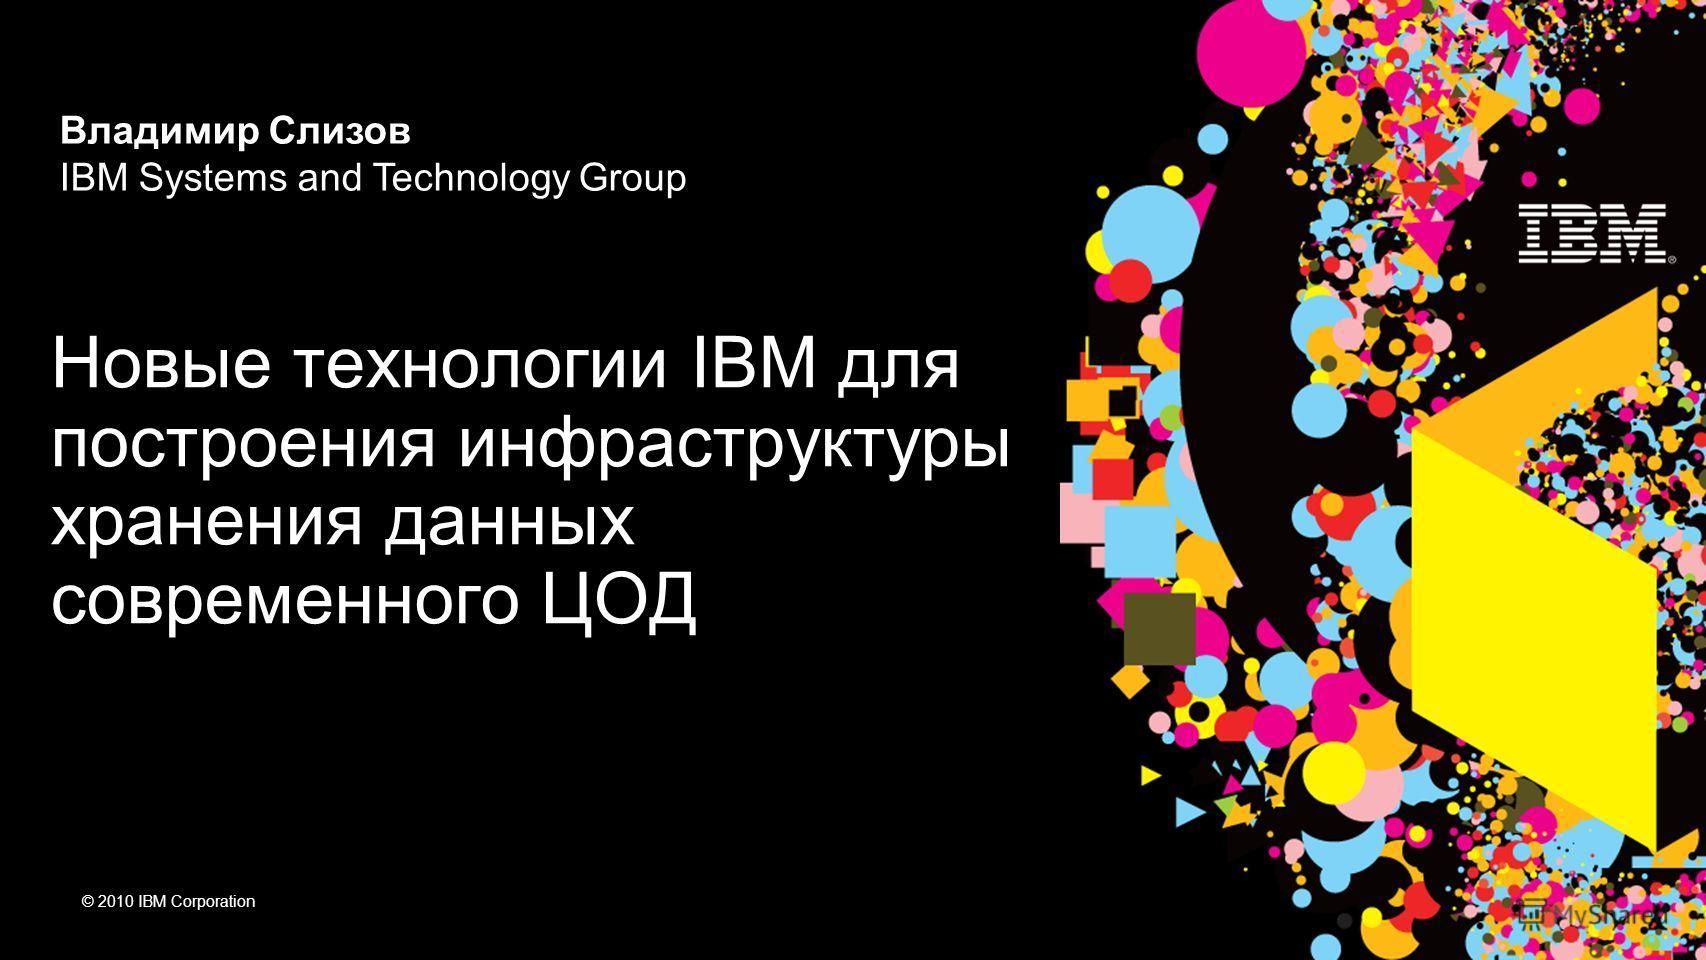 © 2010 IBM Corporation Новые технологии IBM для построения инфраструктуры хранения данных современного ЦОД Владимир Слизов IBM Systems and Technology Group